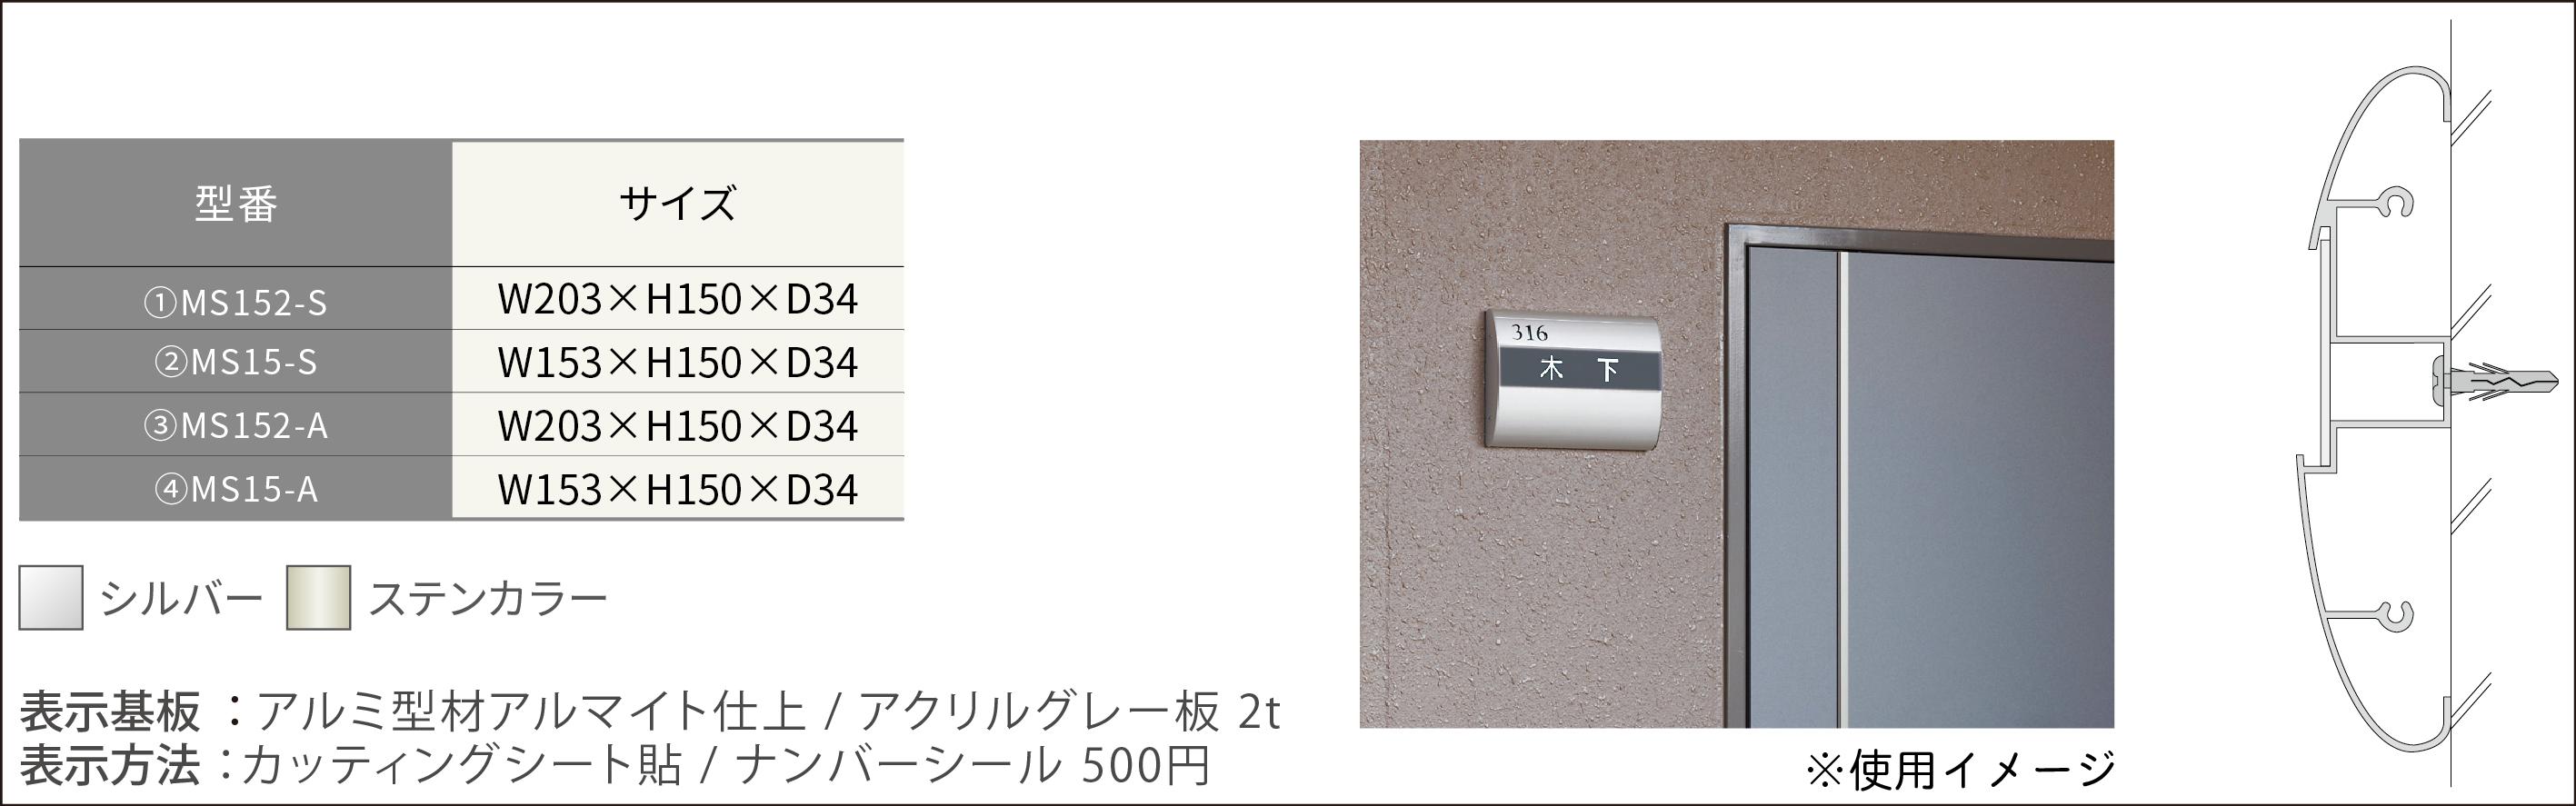 ルームサイン:マンションプレート表札